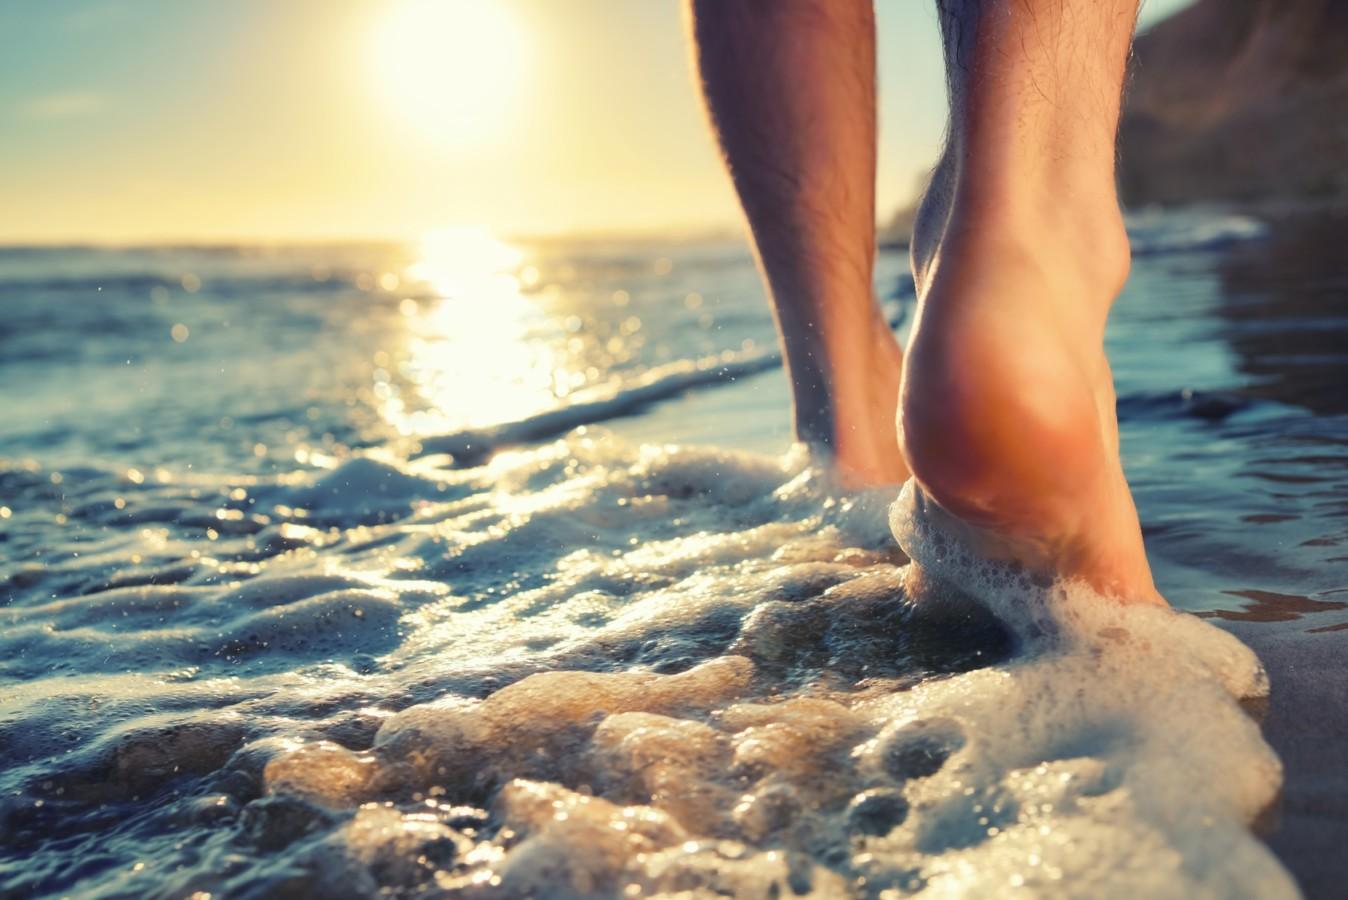 Θάλασσα: Το περπάτημα στην άμμο έχει τα περισσότερα οφέλη για το σώμα